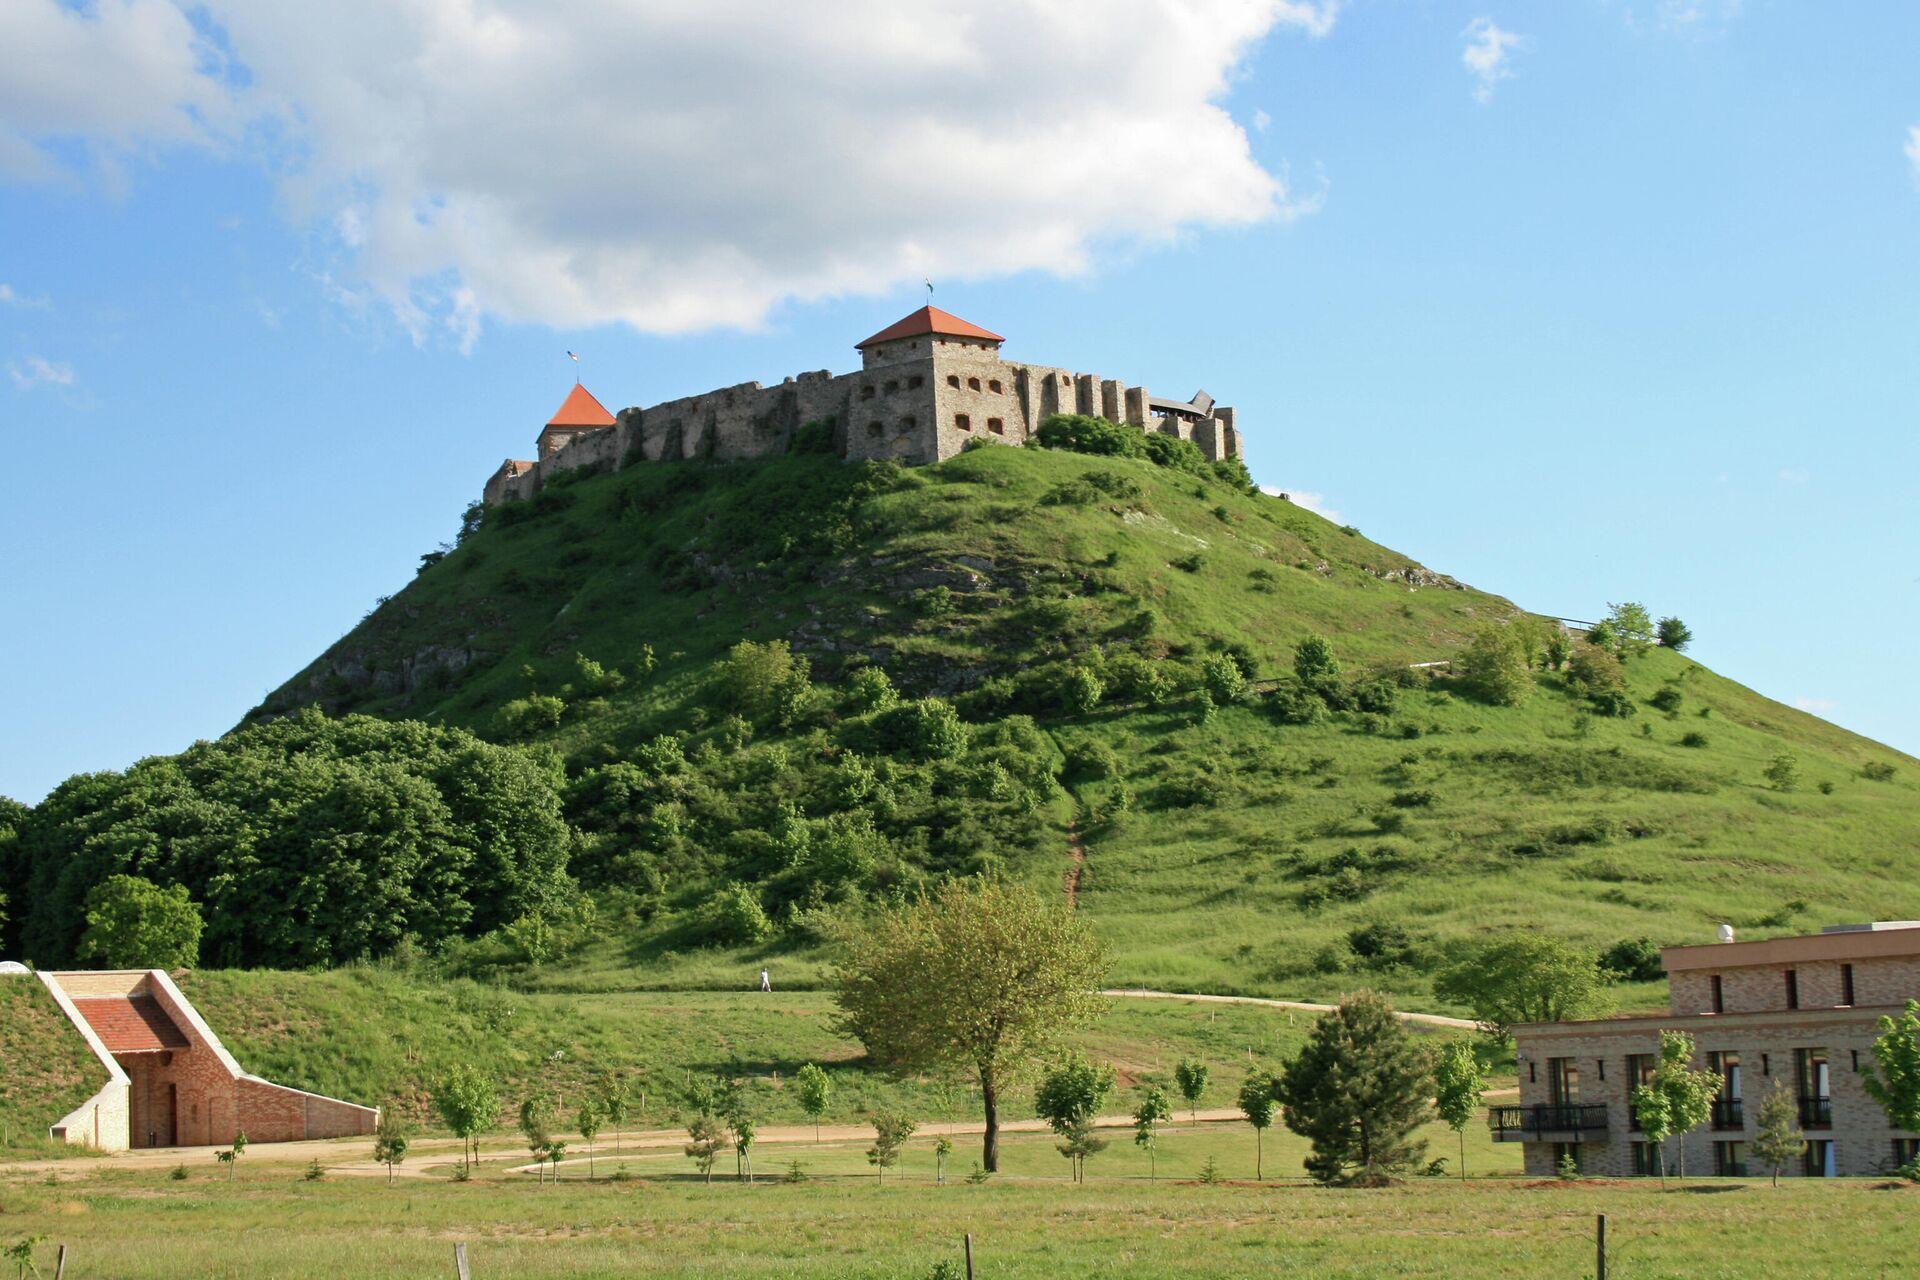 Замок города Шюмег - РИА Новости, 1920, 30.07.2021